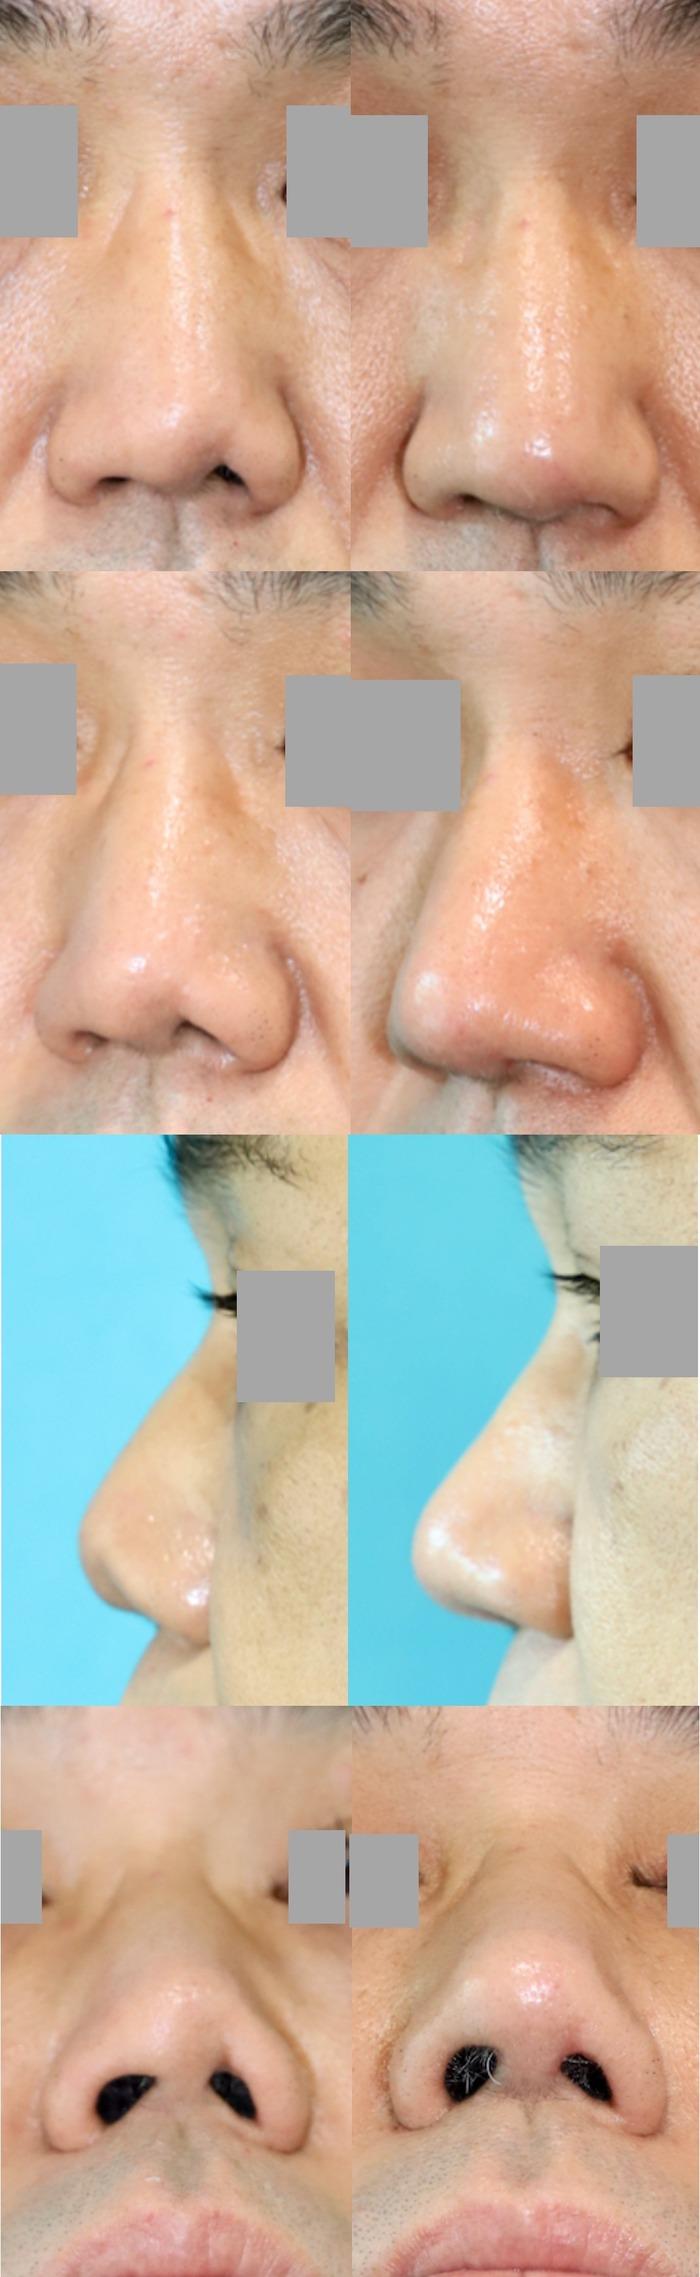 鼻中隔延長術 左鼻孔縁形成術 術後3ヶ月 拡大